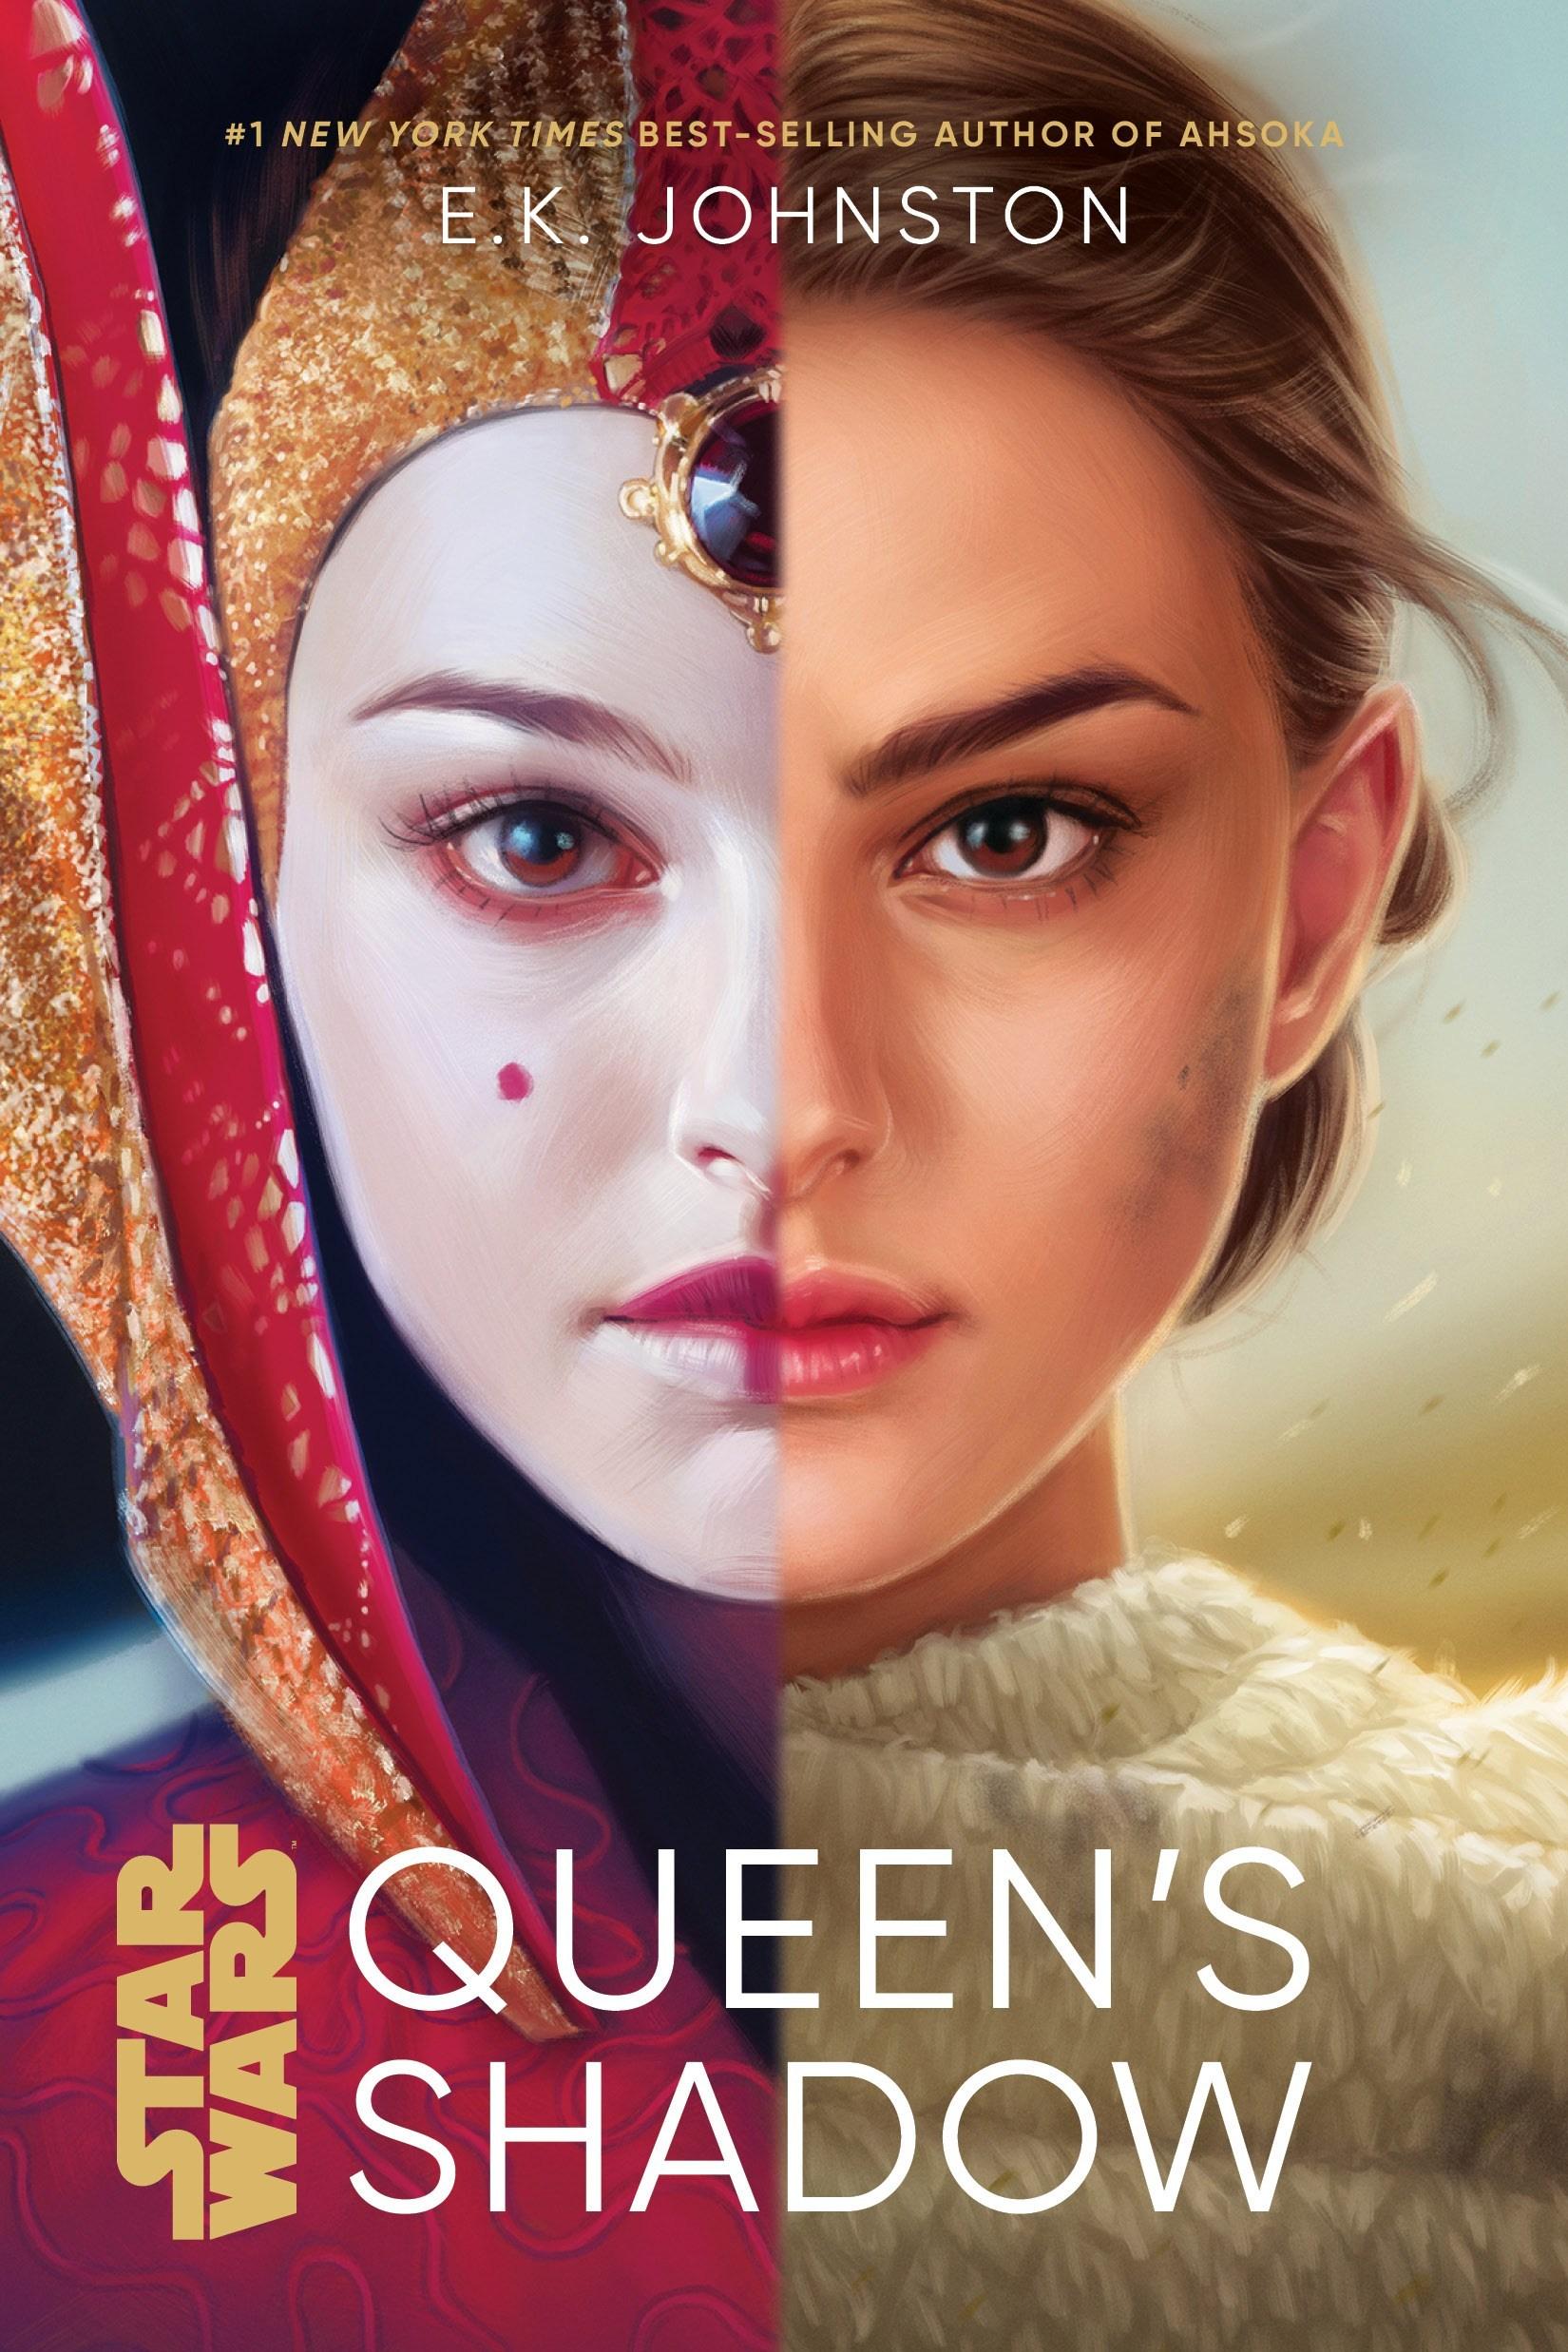 QueensShadow Cover.jpg